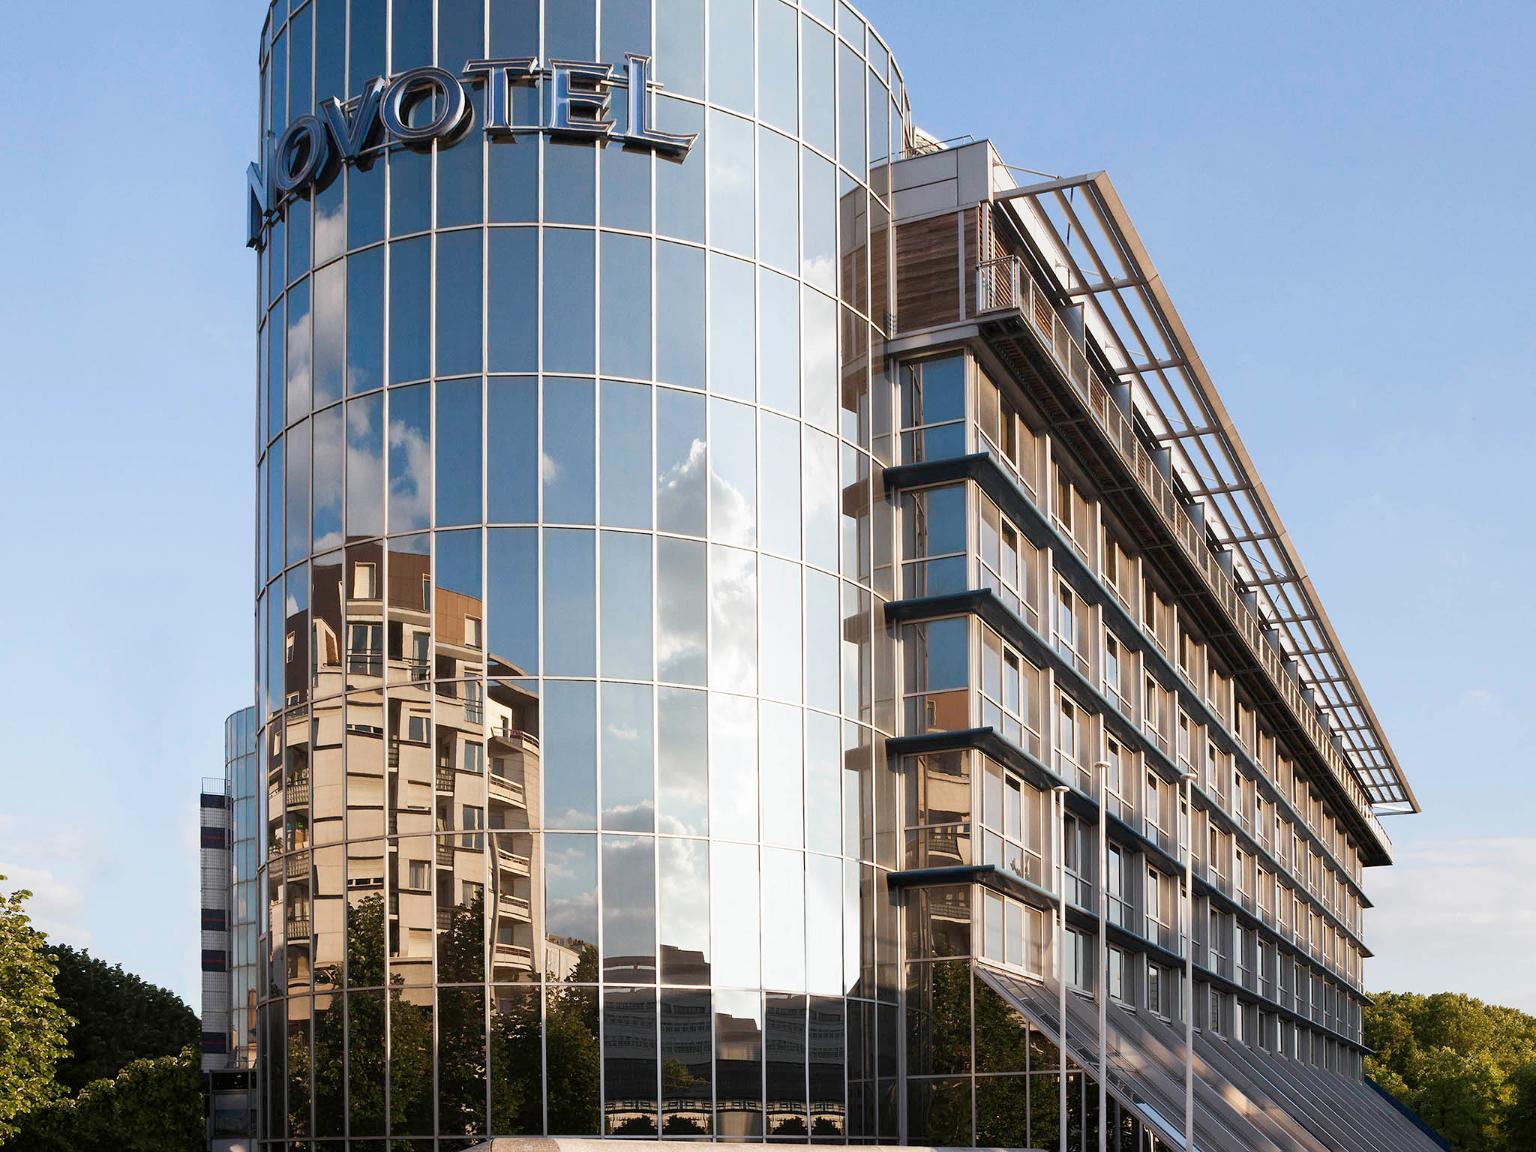 novotel paris centre bercy h tel 85 rue de bercy 75012 paris adresse horaire. Black Bedroom Furniture Sets. Home Design Ideas